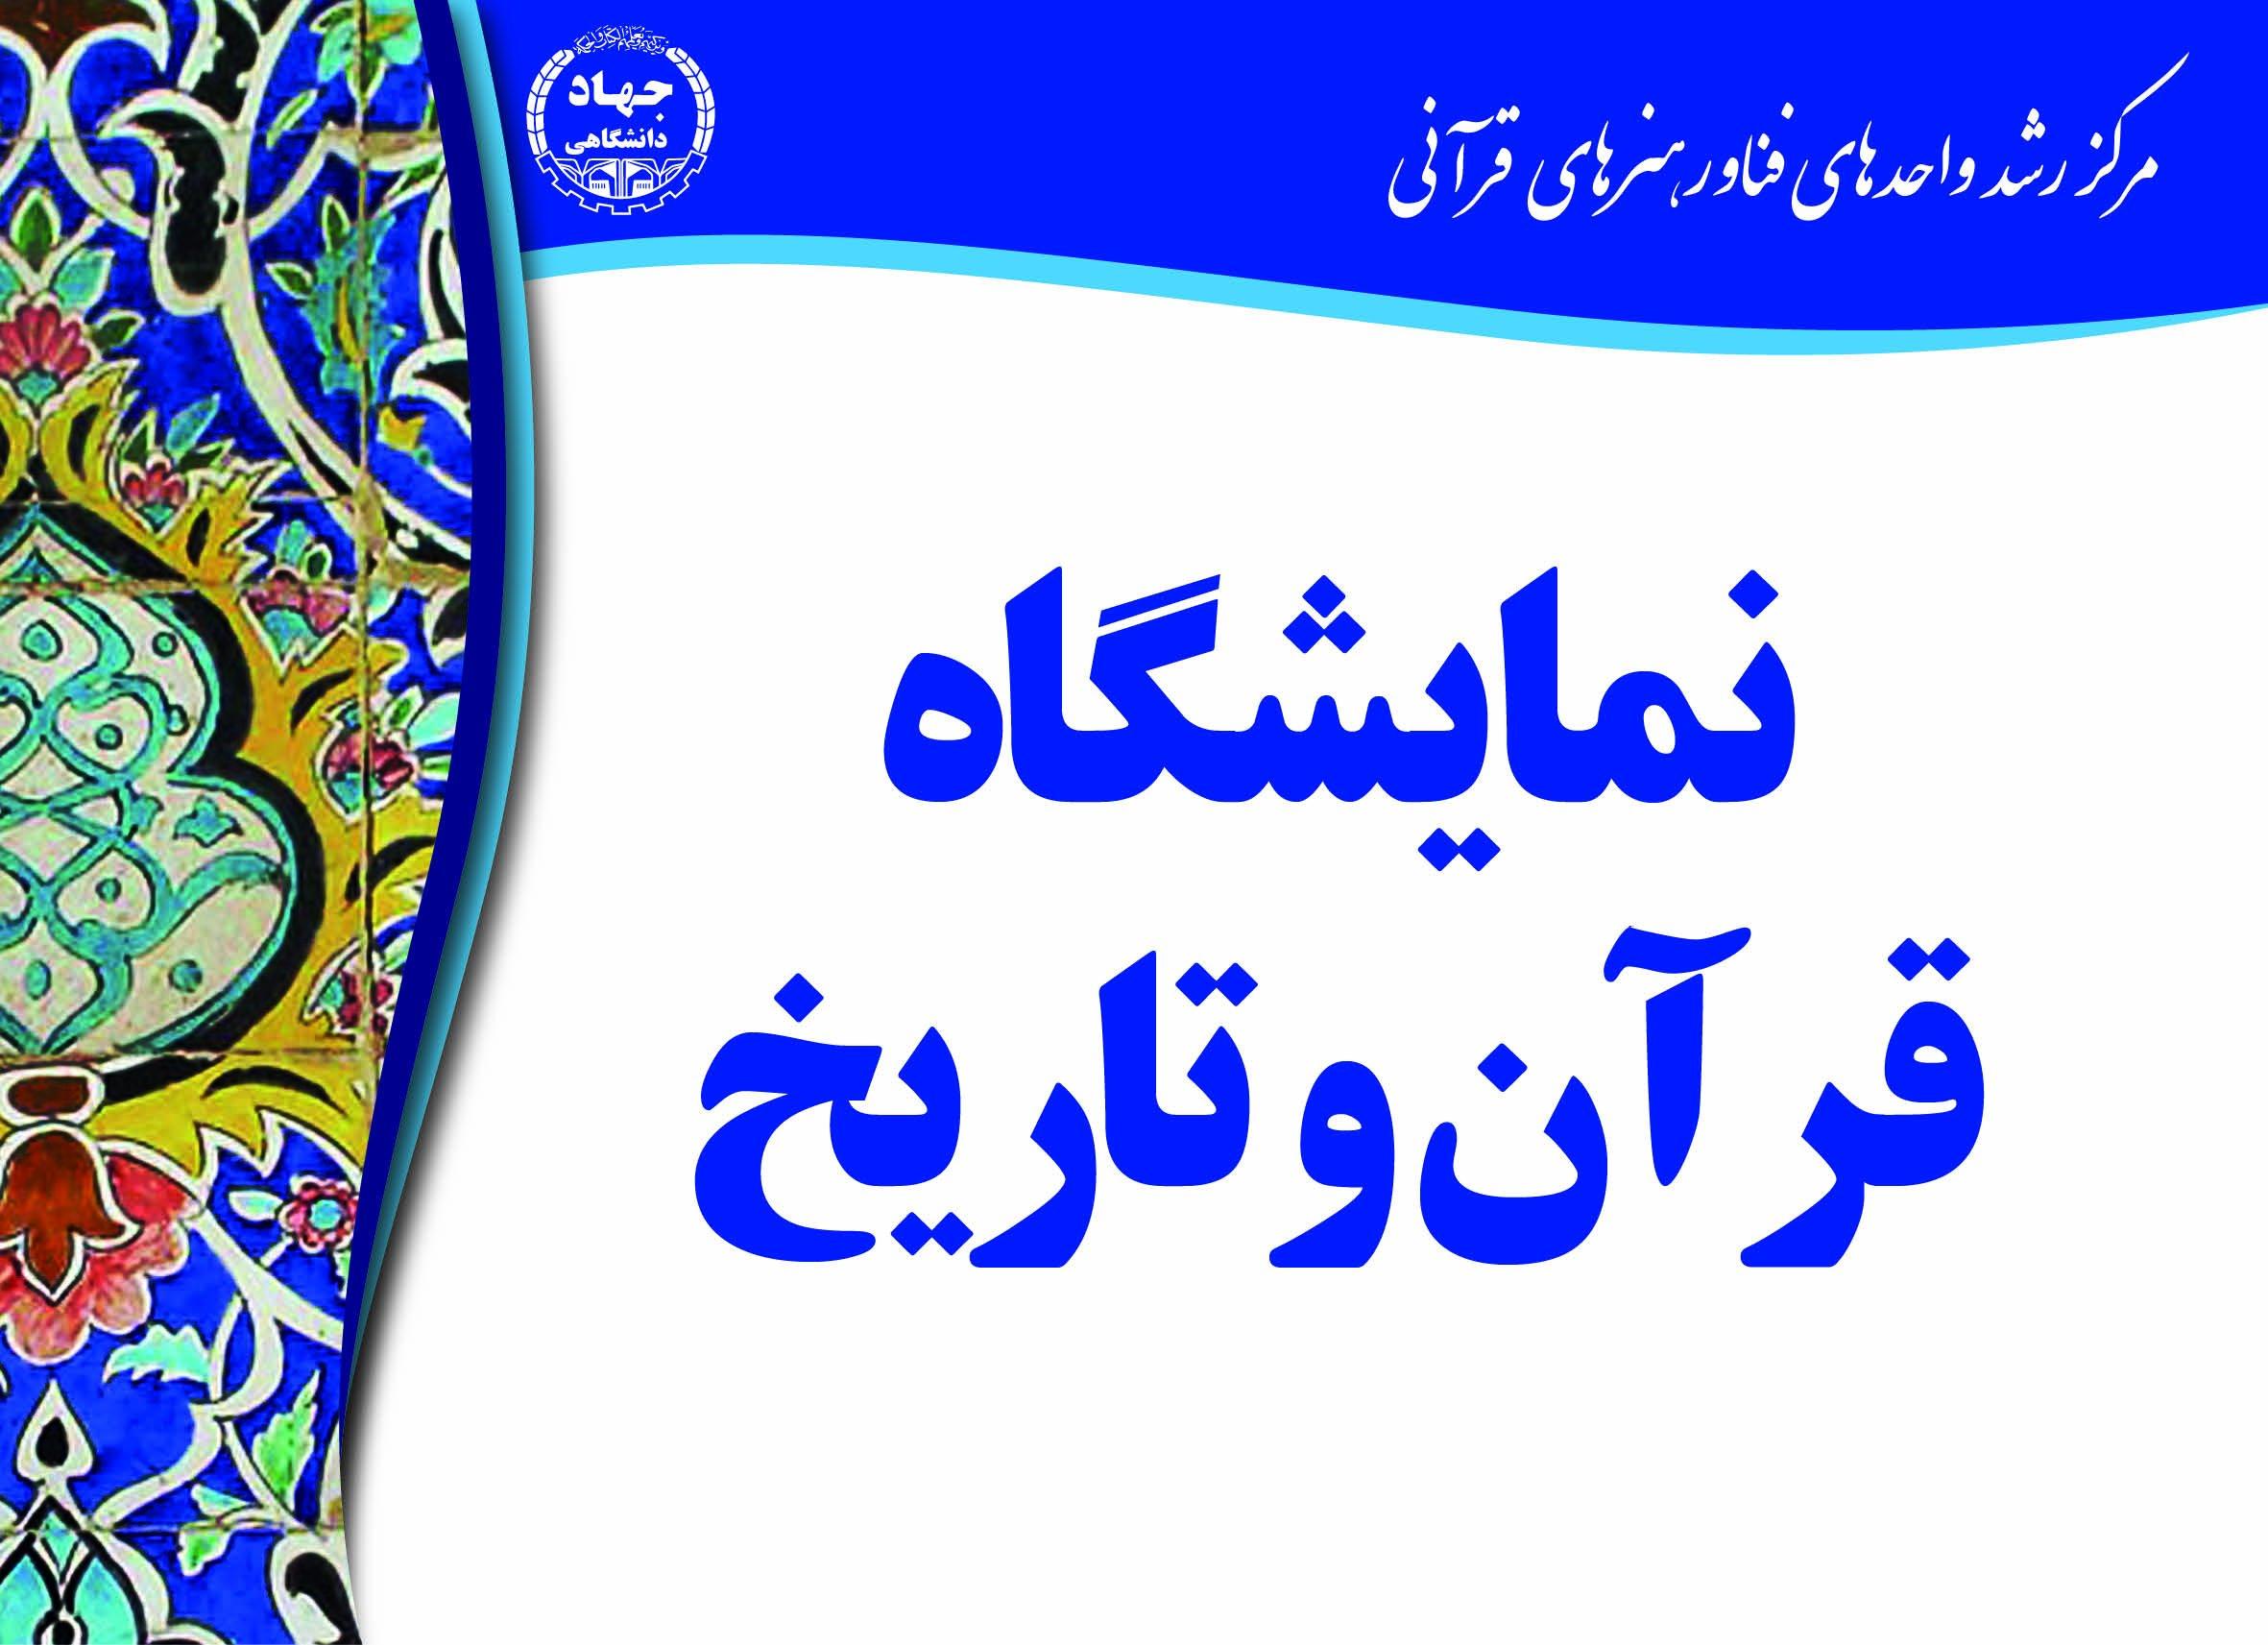 نمایشگاه دائمی تاریخ و قرآن